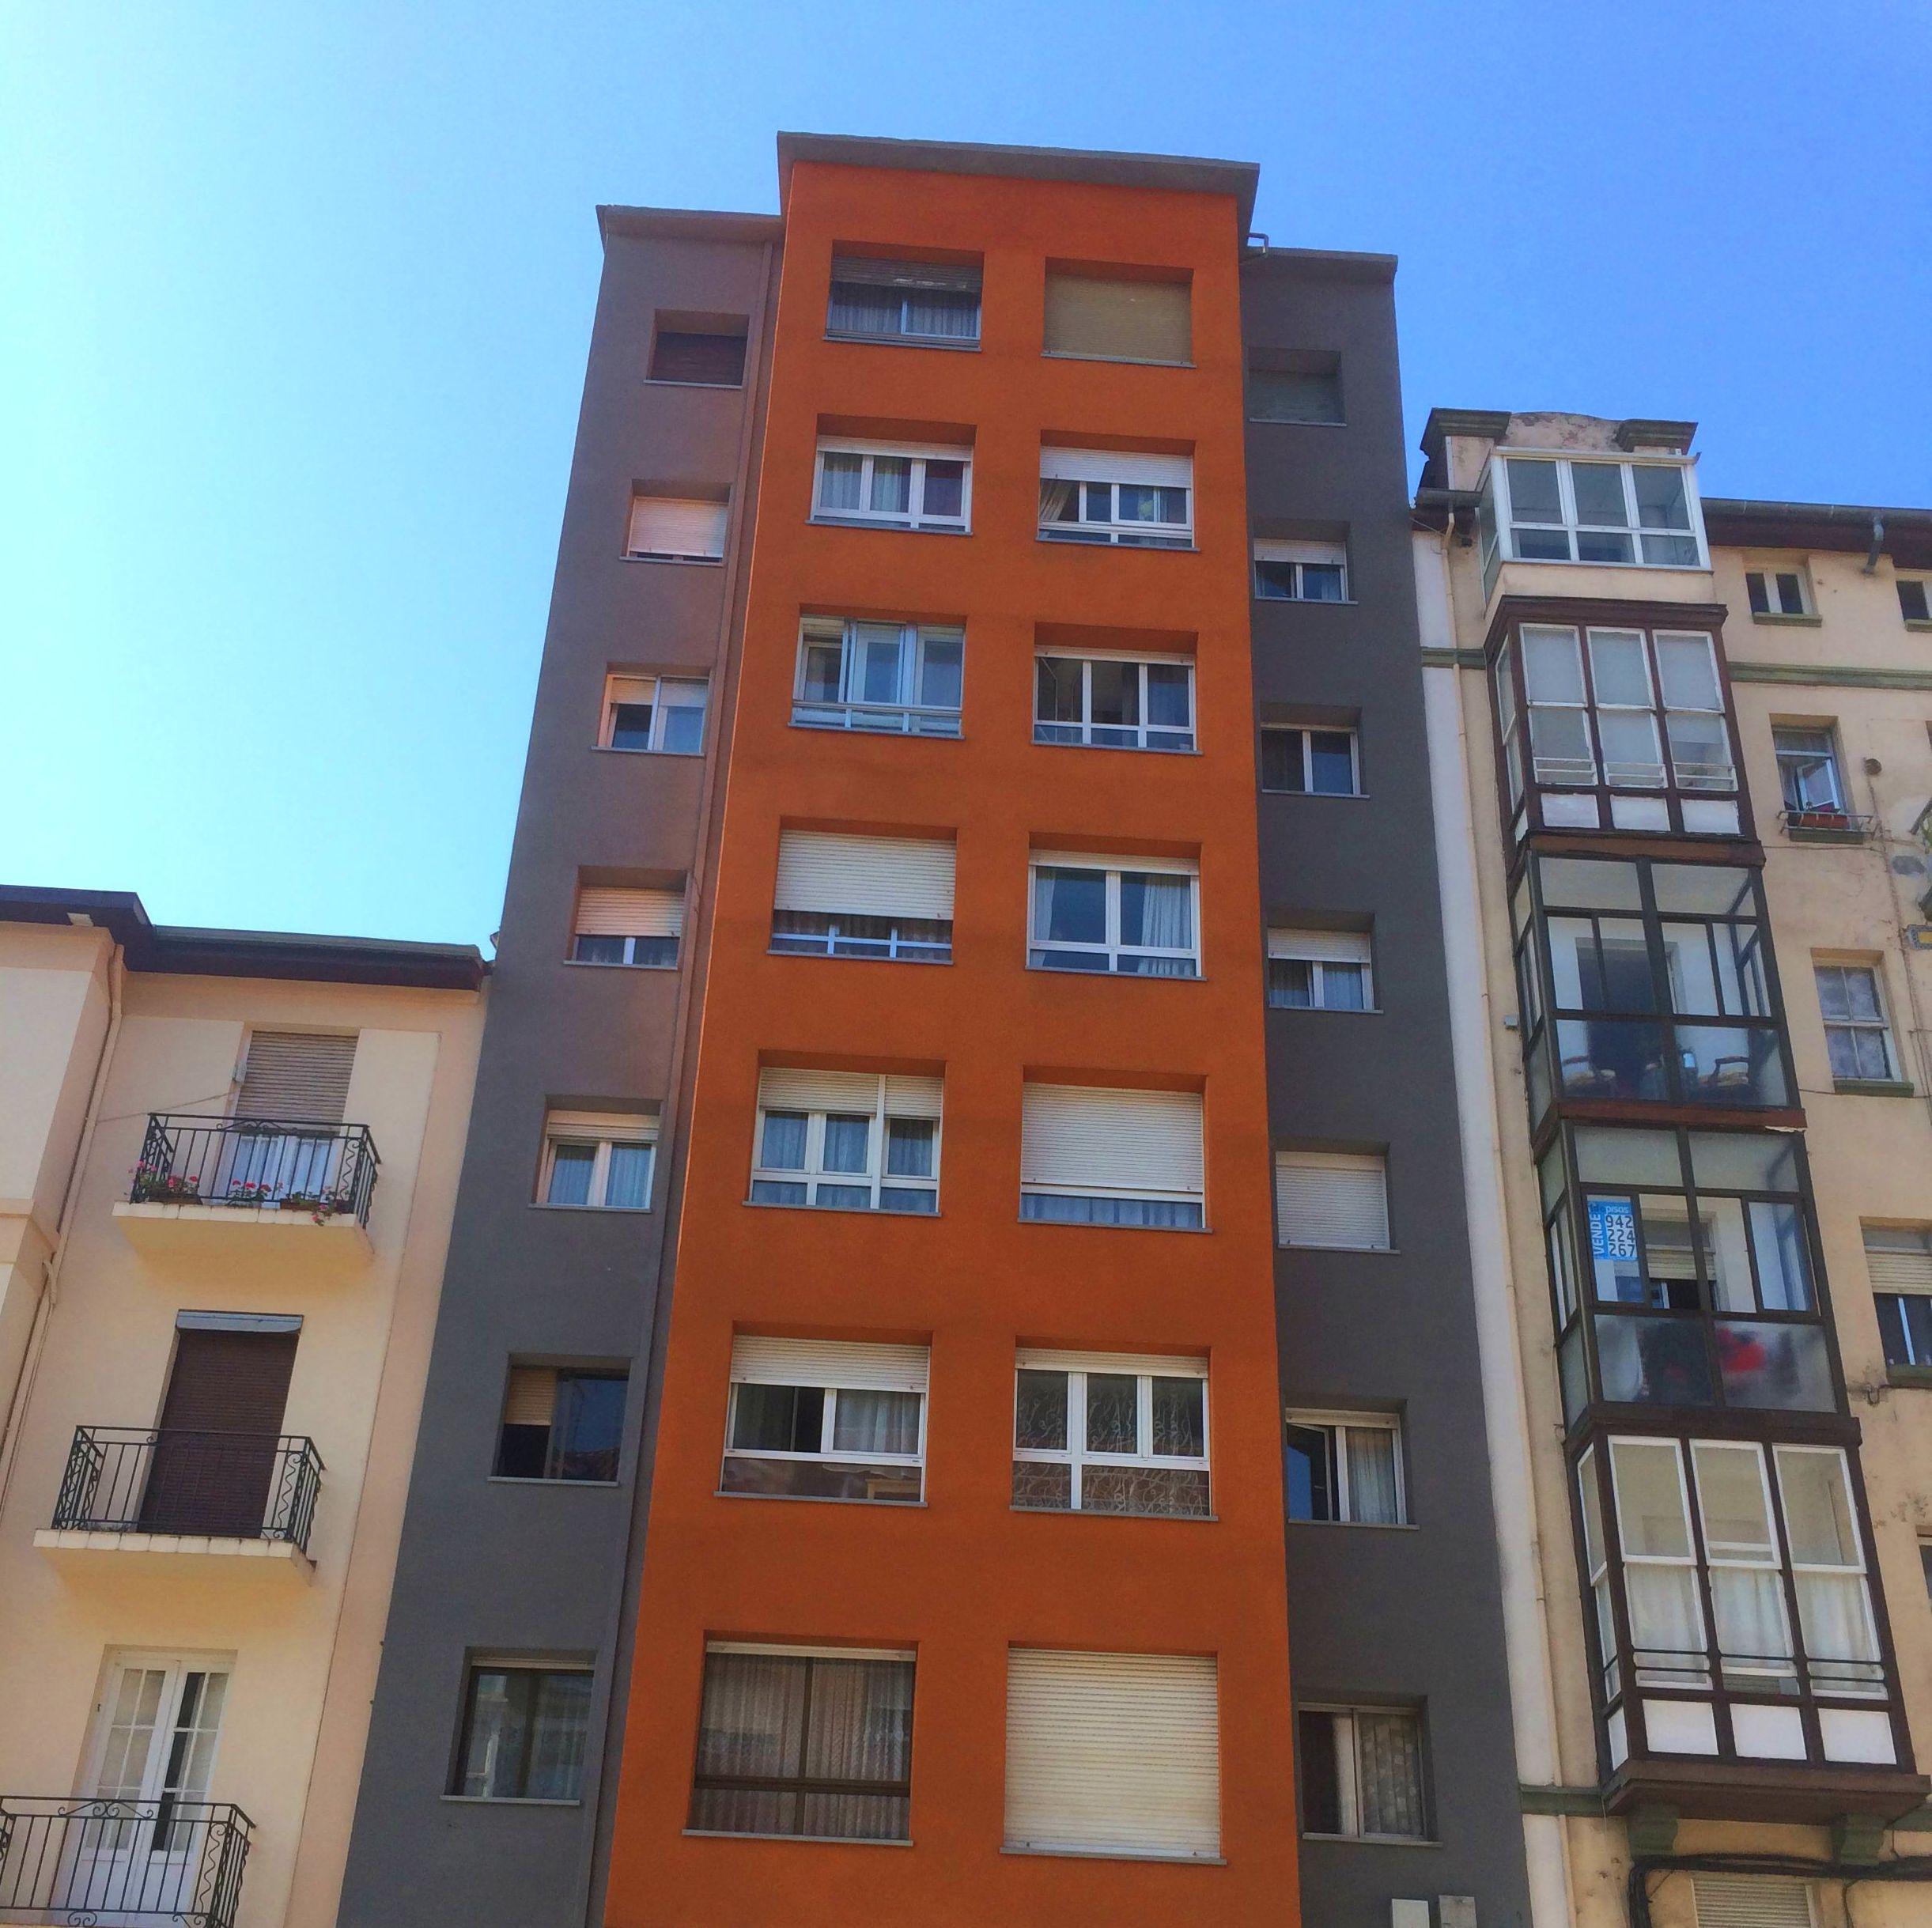 Sate aislamiento de fachadas y paredes de edificios Santander-Torrelavega.